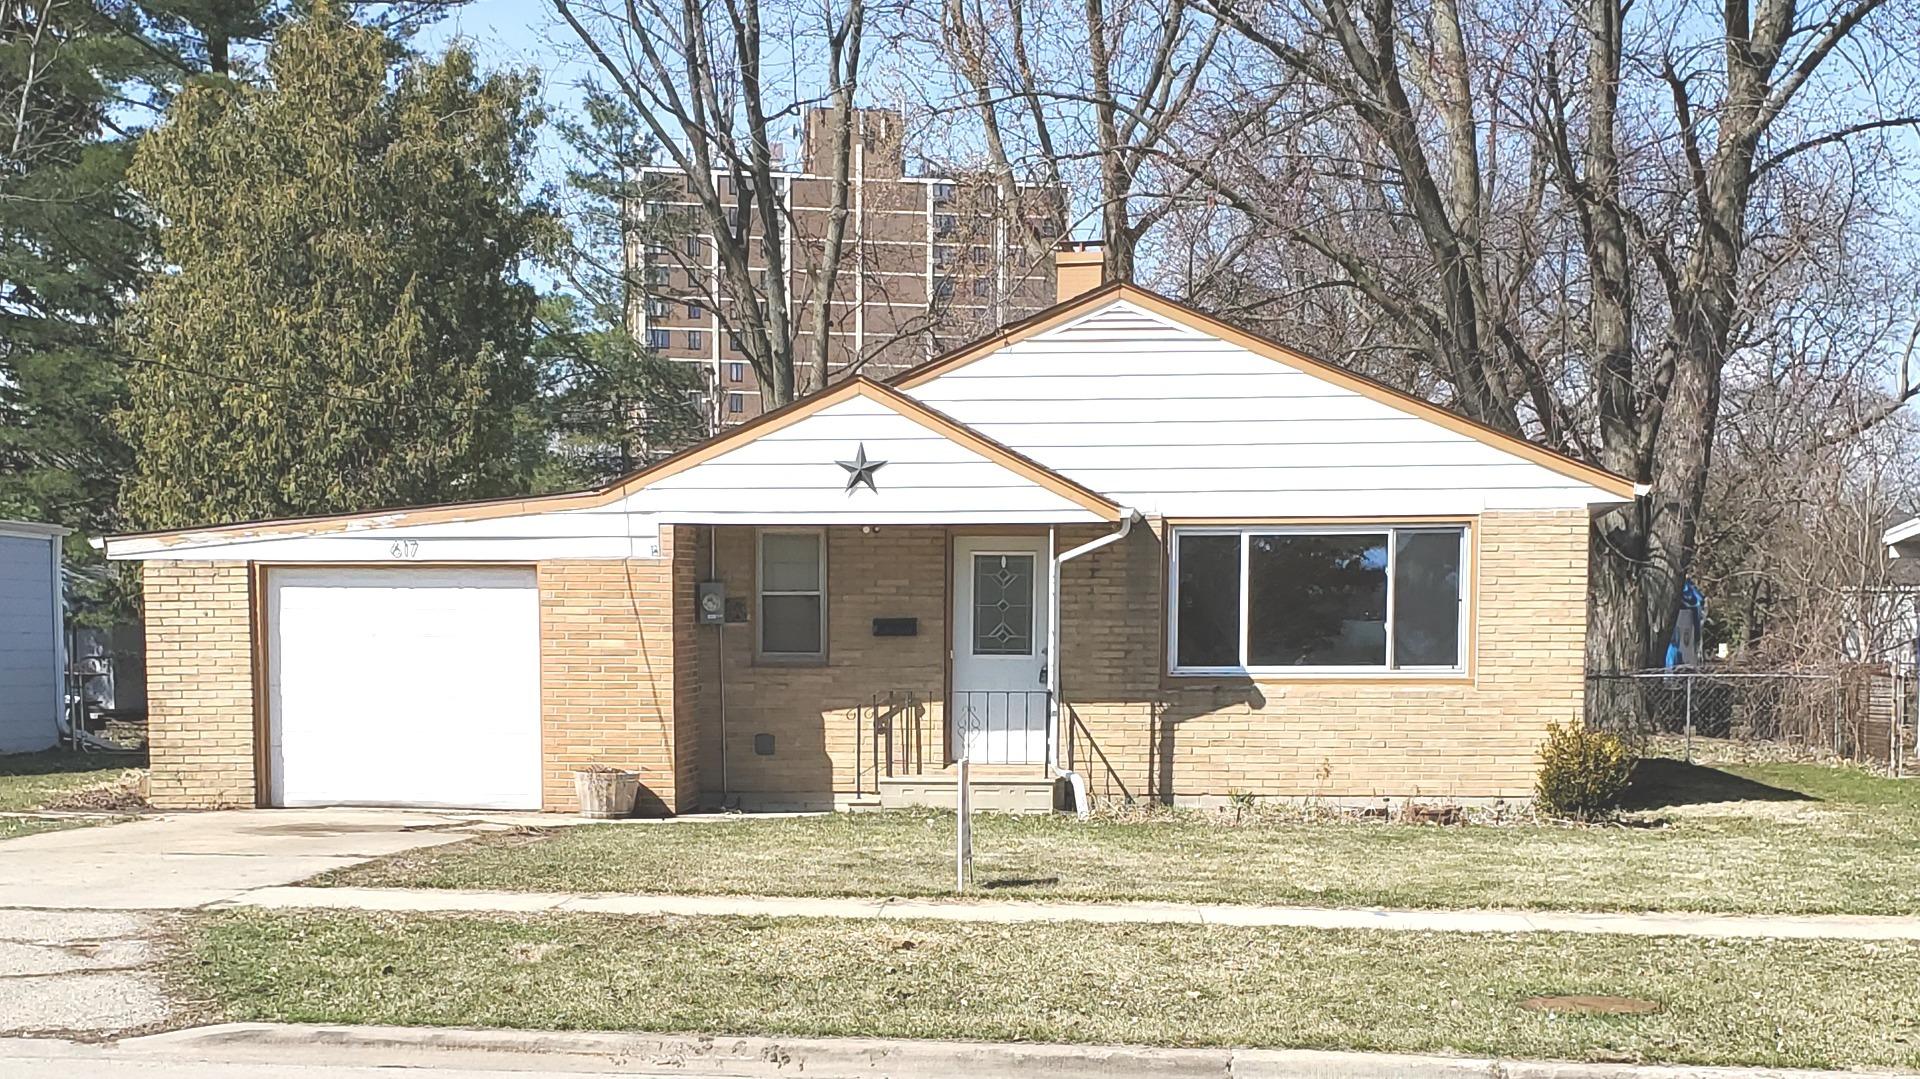 617 South 7th Street Dekalb, IL 60115